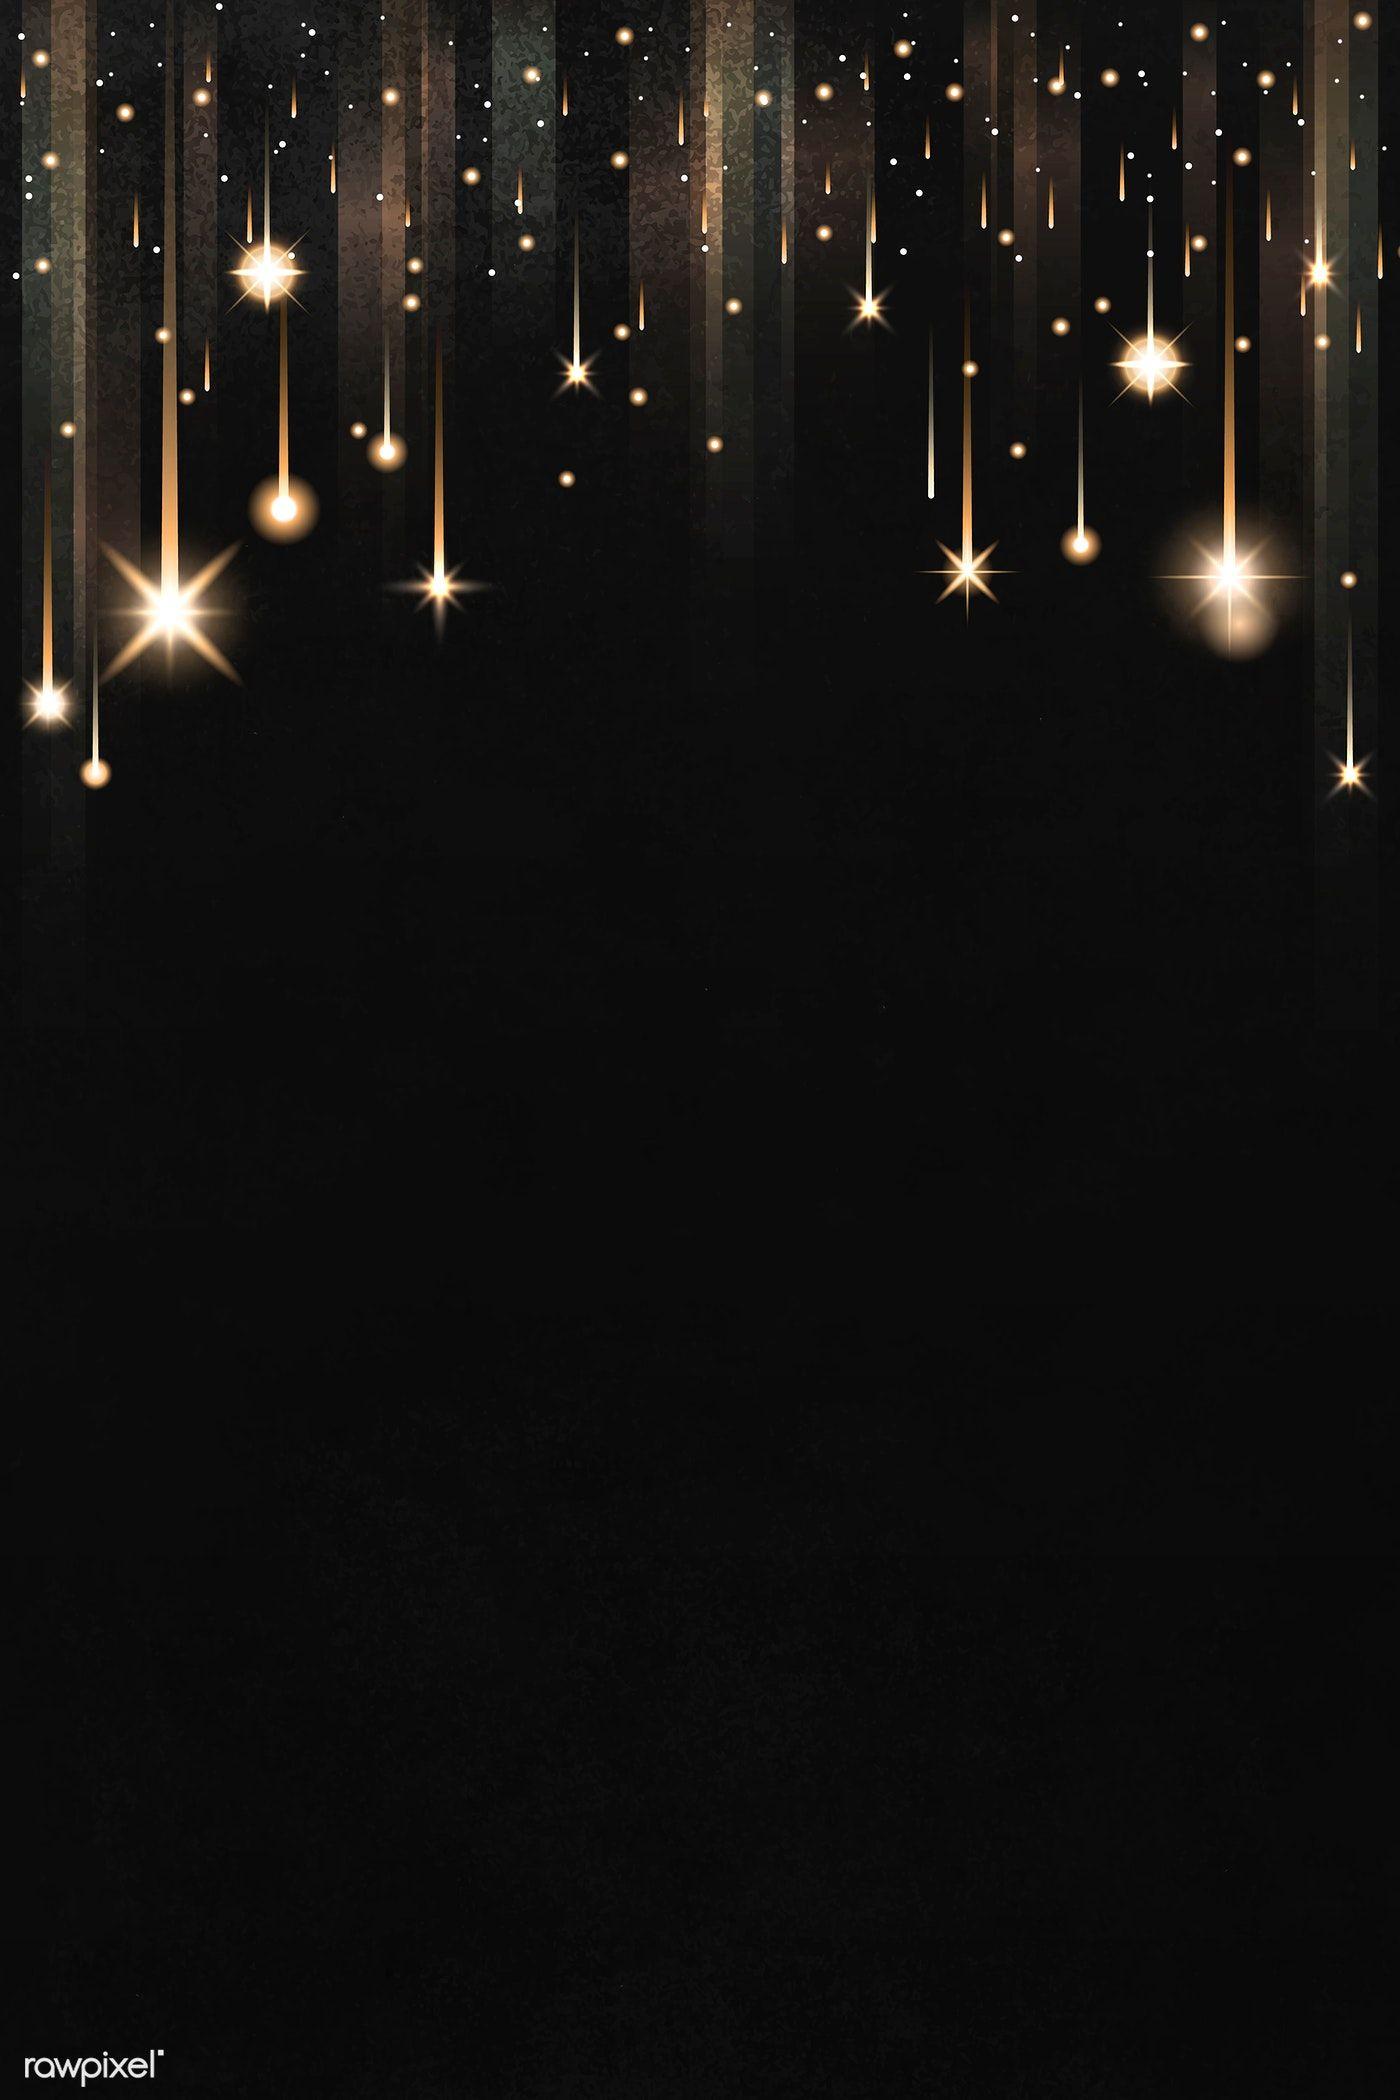 Download Premium Vector Of Gold Sparkles Patterned On Black Background Black Background Wallpaper Best Background Images Black Sparkle Background